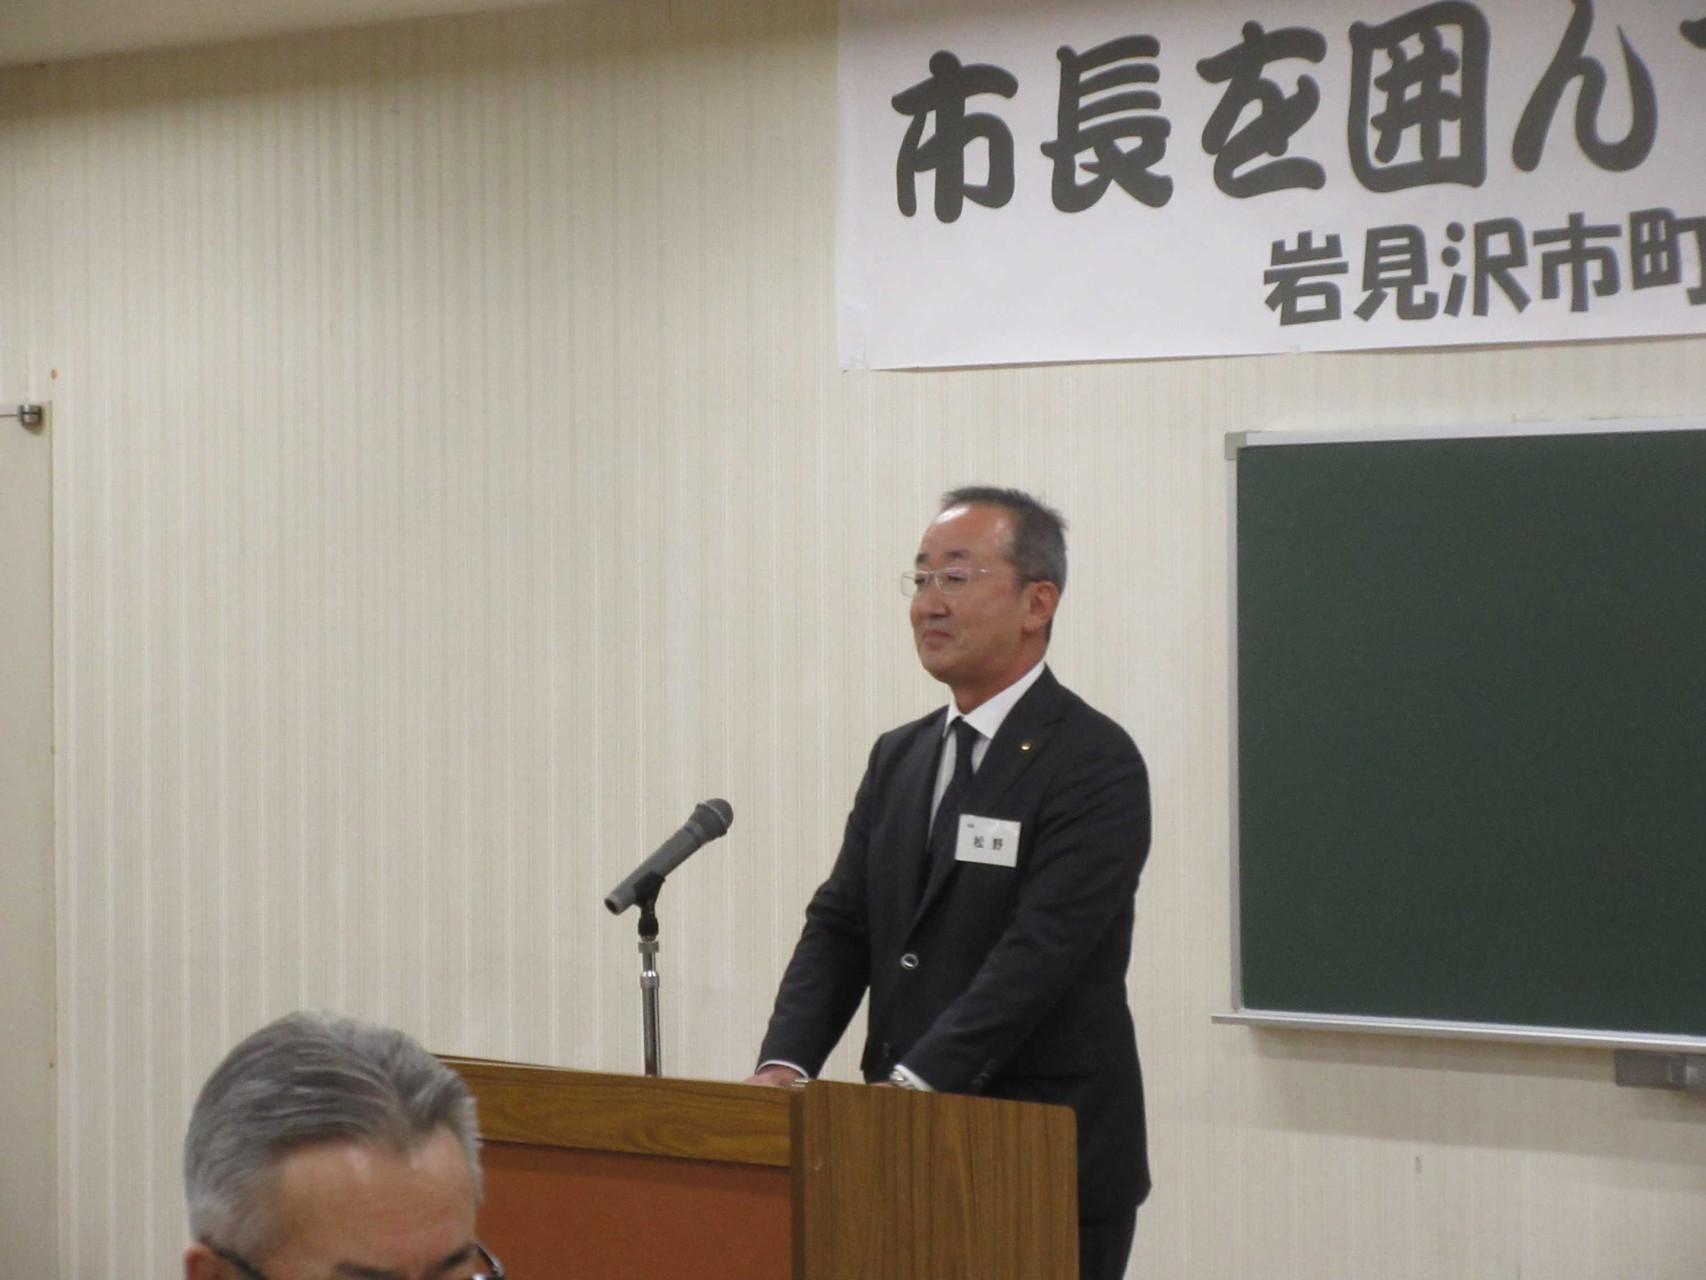 挨拶をする松野市長